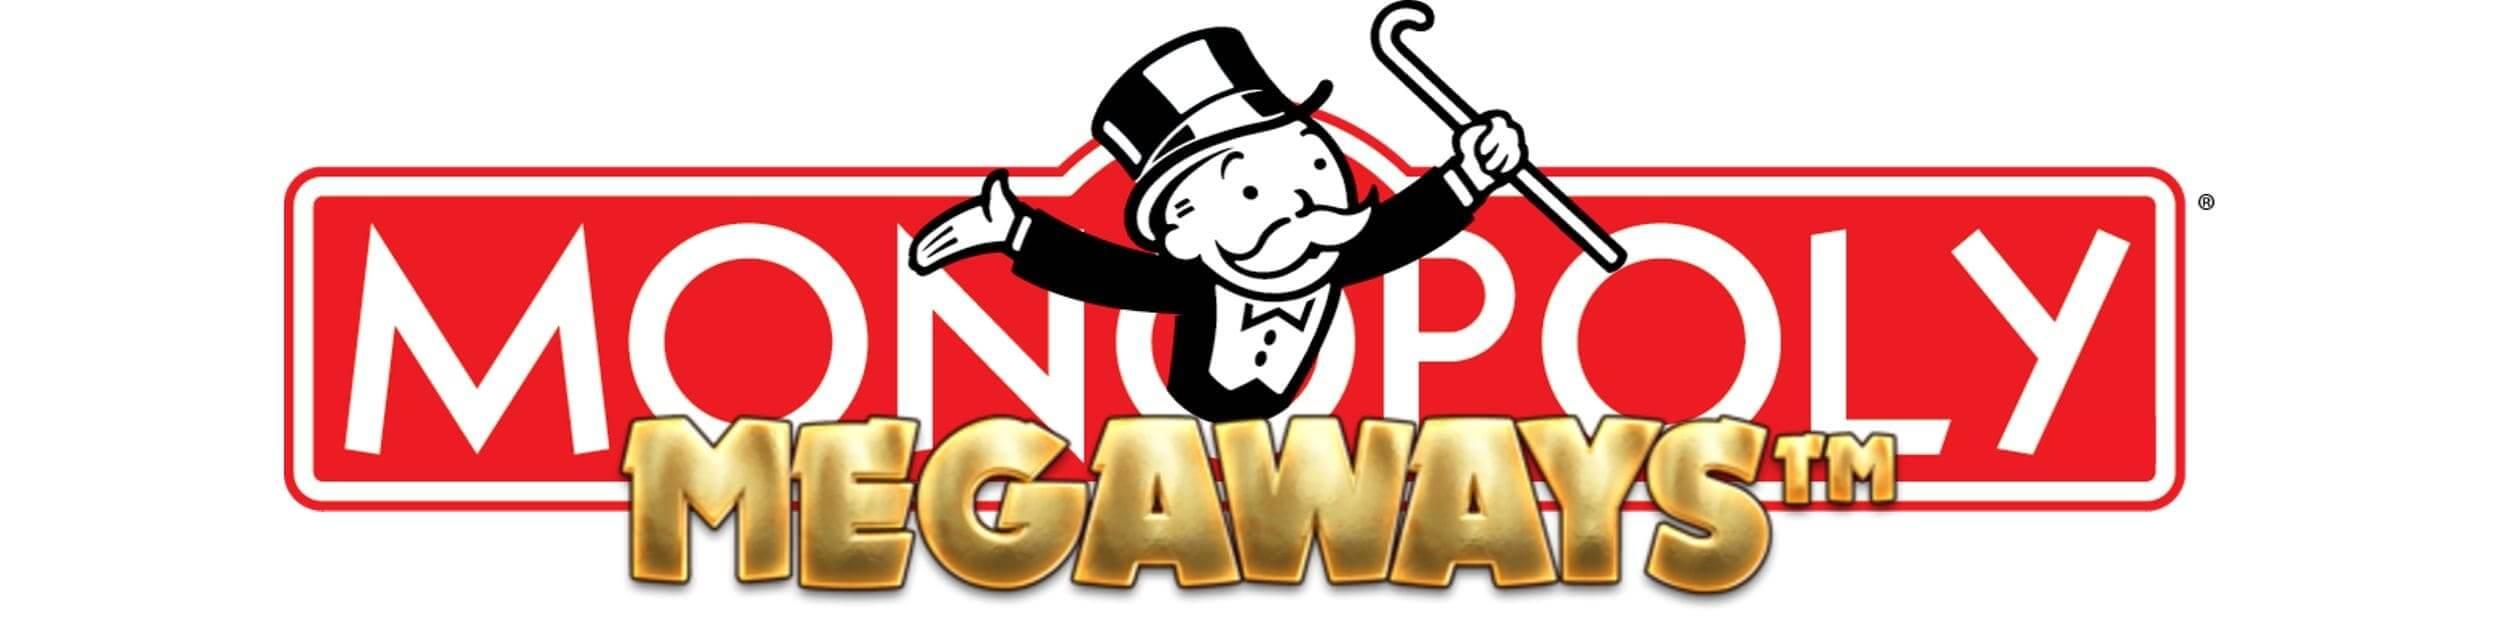 Megaways Monopoly CS